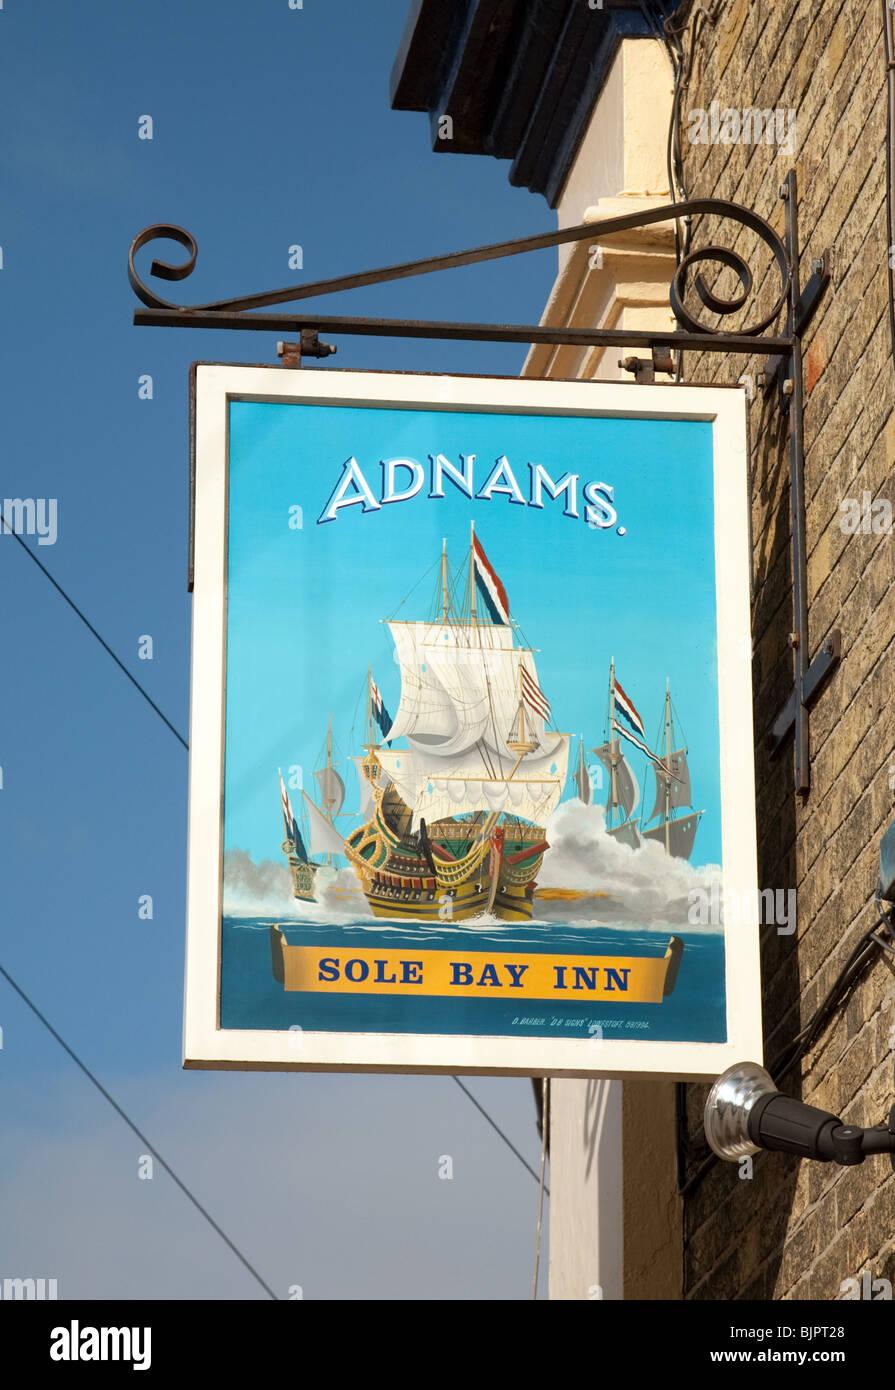 Segno per la suola Bay Inn, Southwold, Suffolk, Regno Unito Immagini Stock